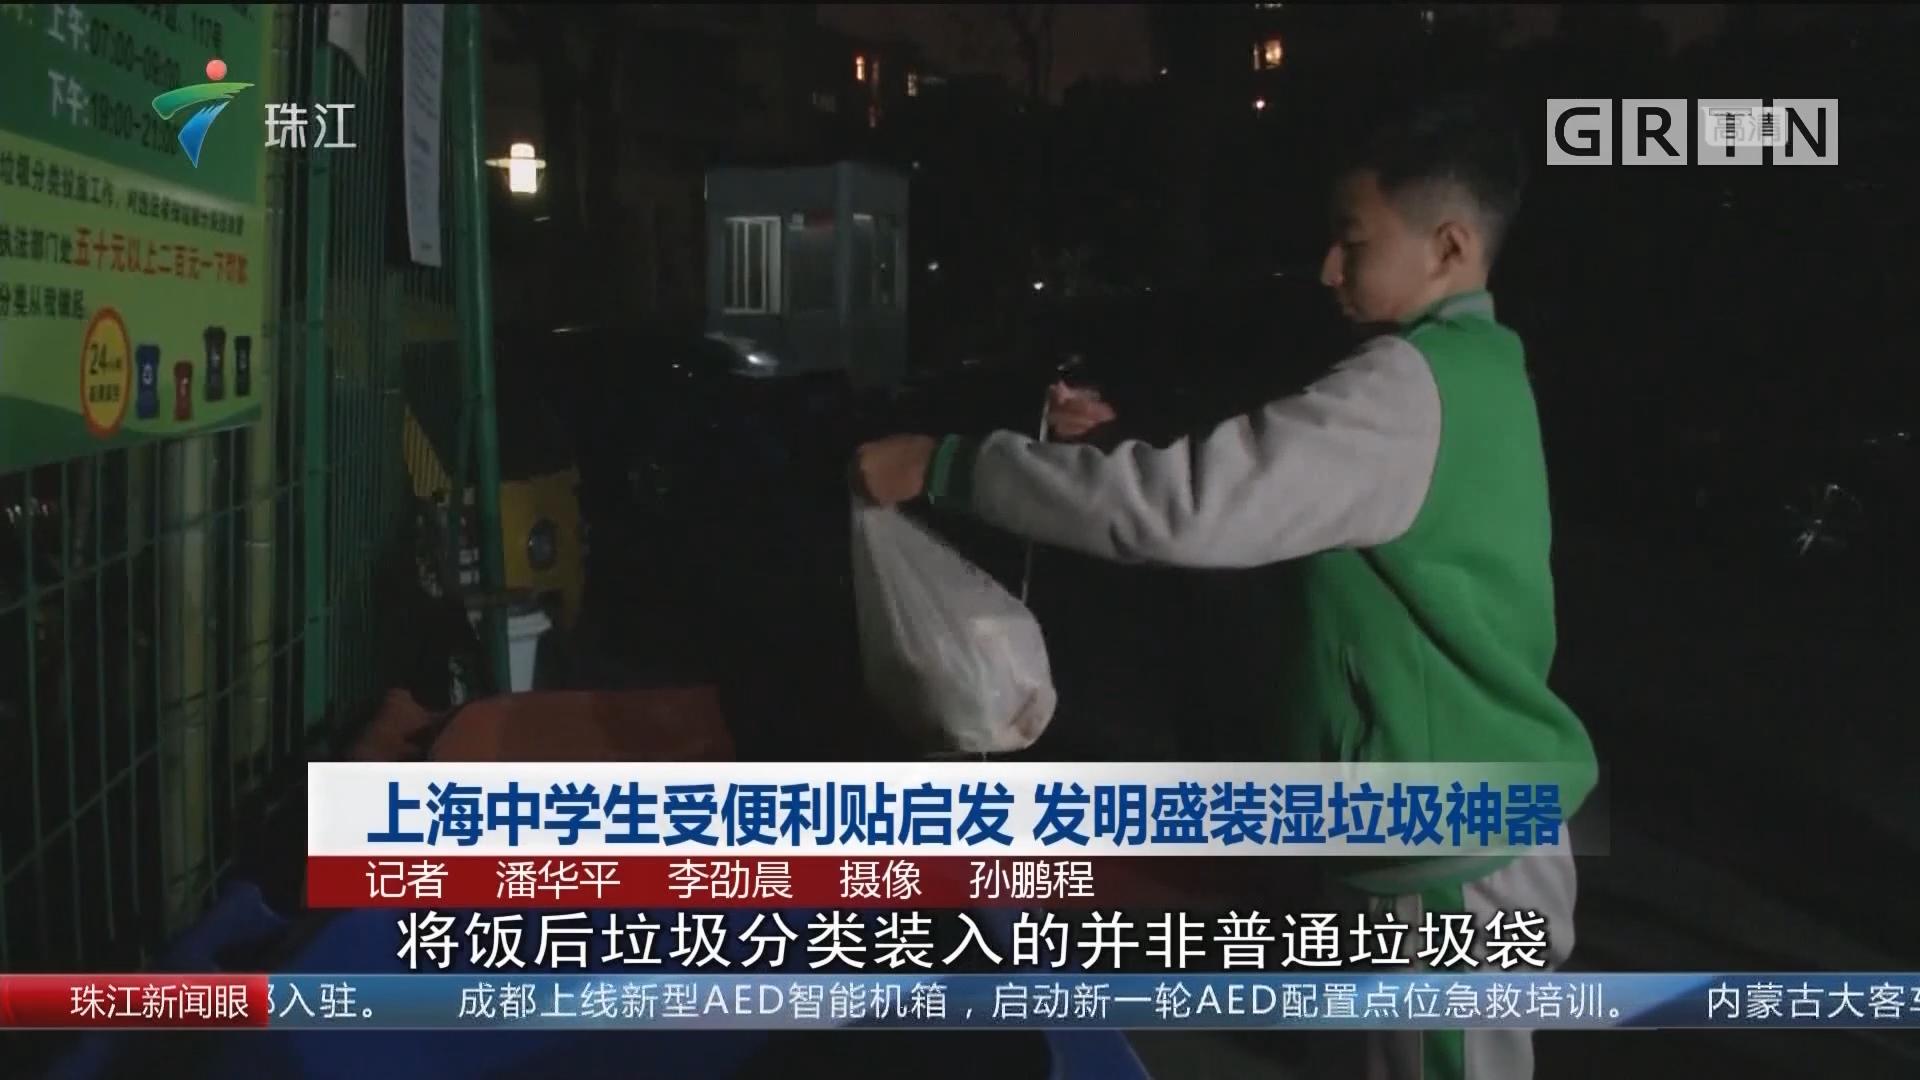 上海中学生受便利贴启发 发明盛装湿垃圾神器